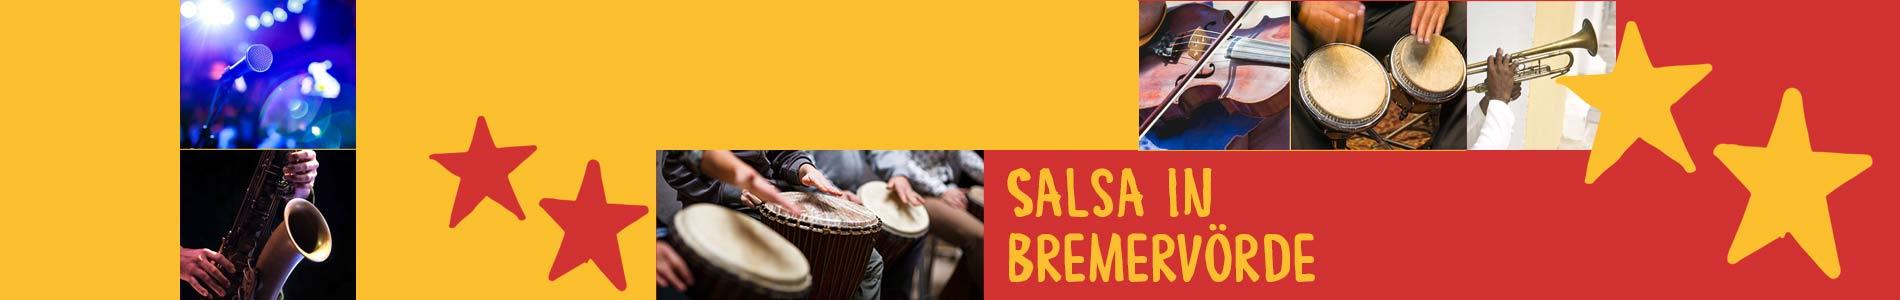 Salsa in Bremervörde – Salsa lernen und tanzen, Tanzkurse, Partys, Veranstaltungen